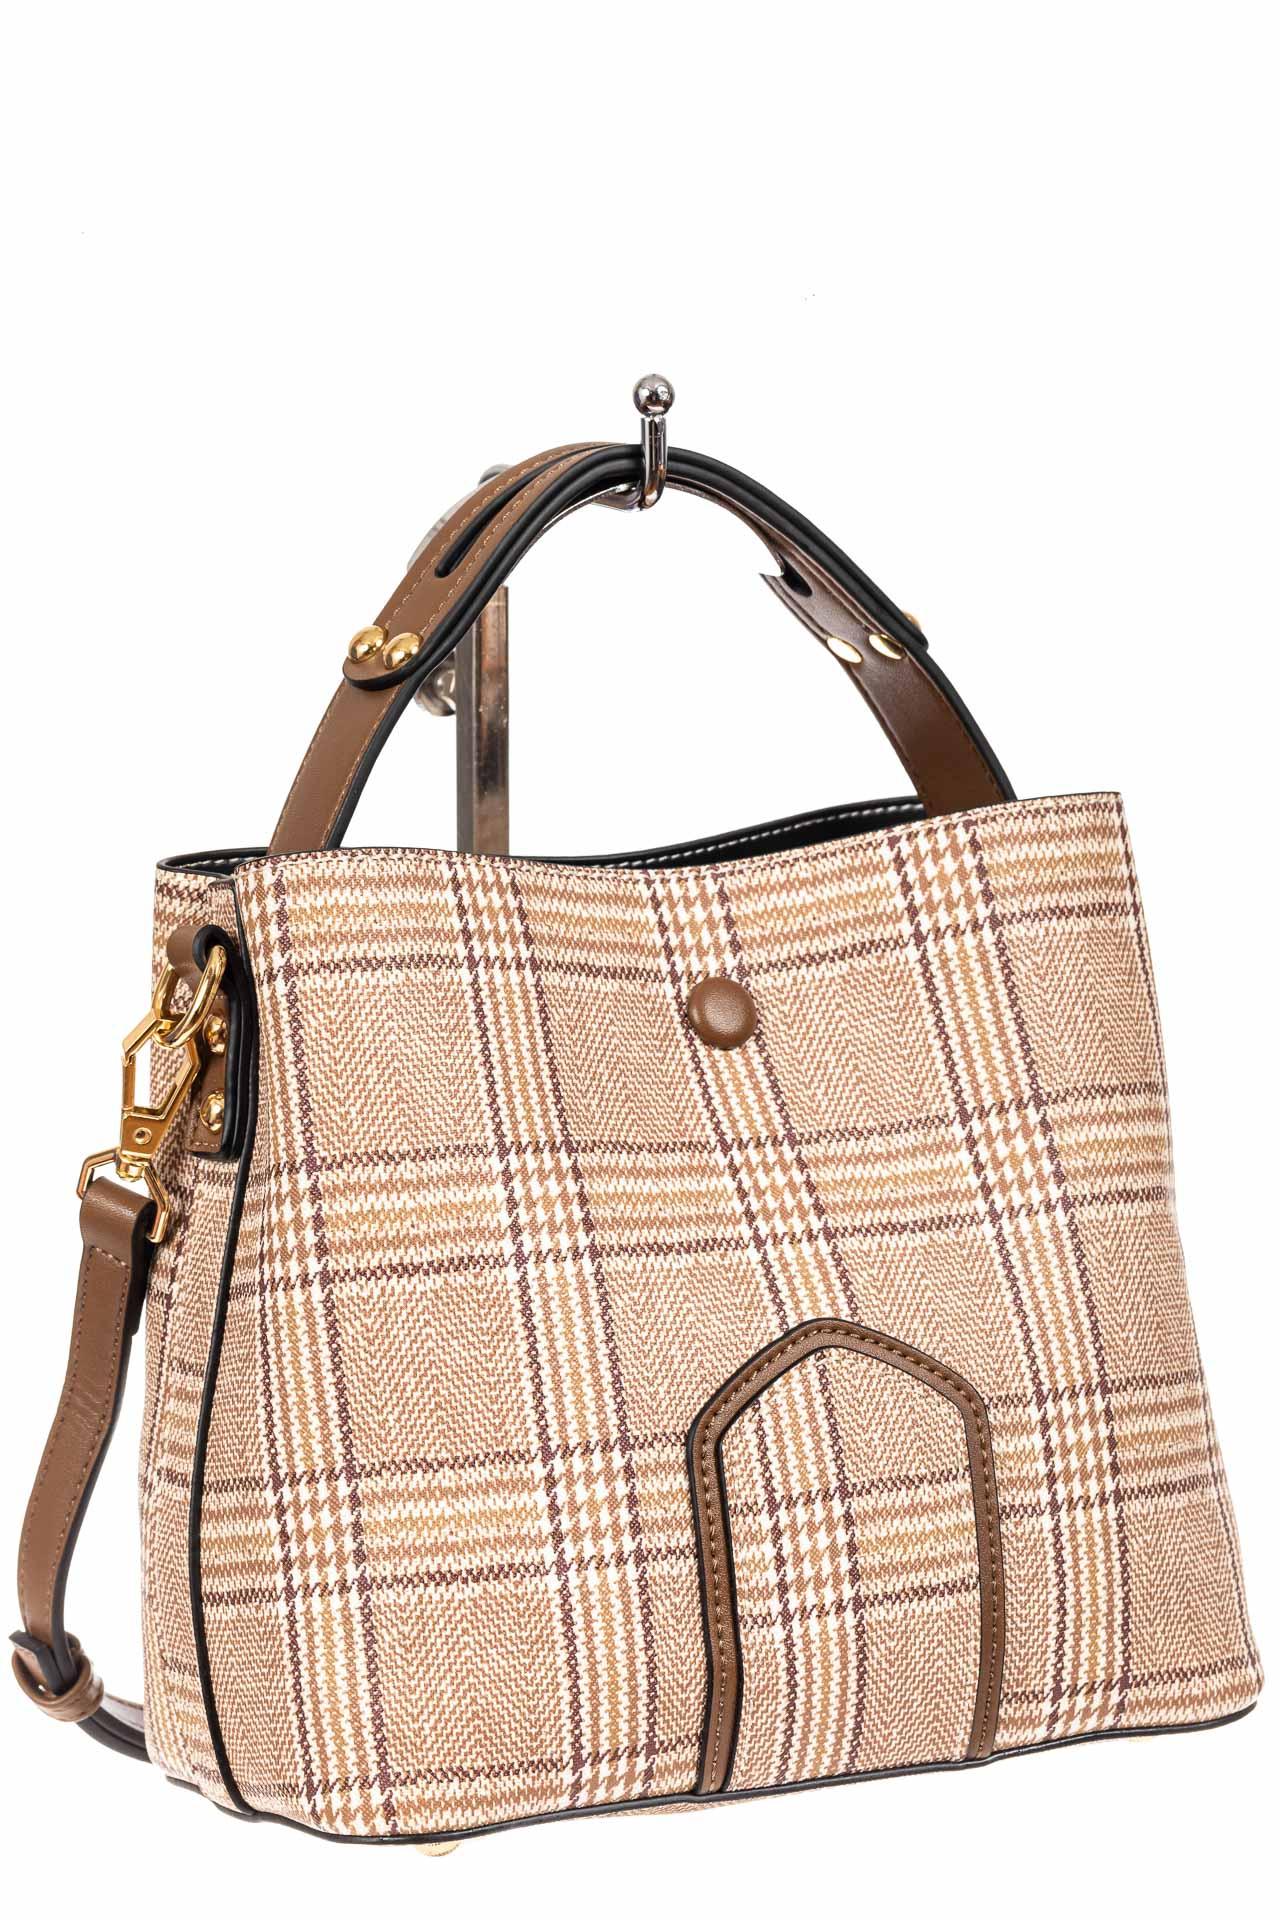 Женская сумка из искусственной кожи, цвет бежевый800044PJ0420/10